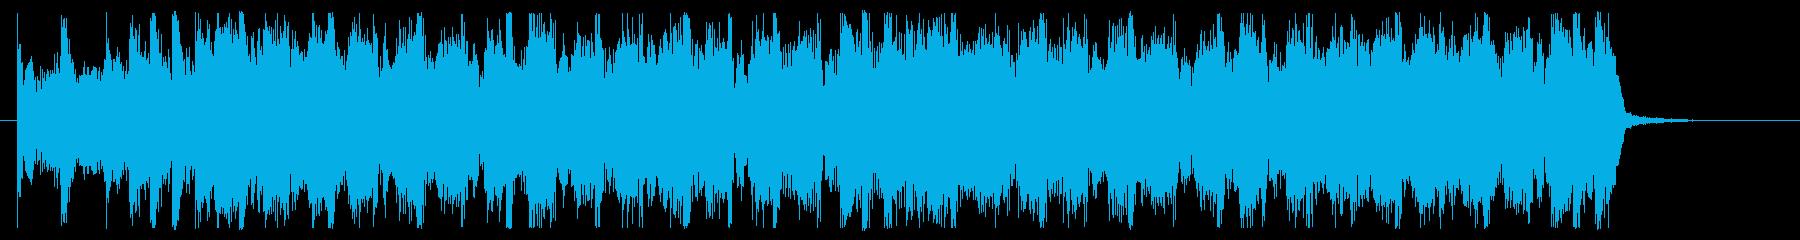 シンプル/ディスコ_No439_4の再生済みの波形